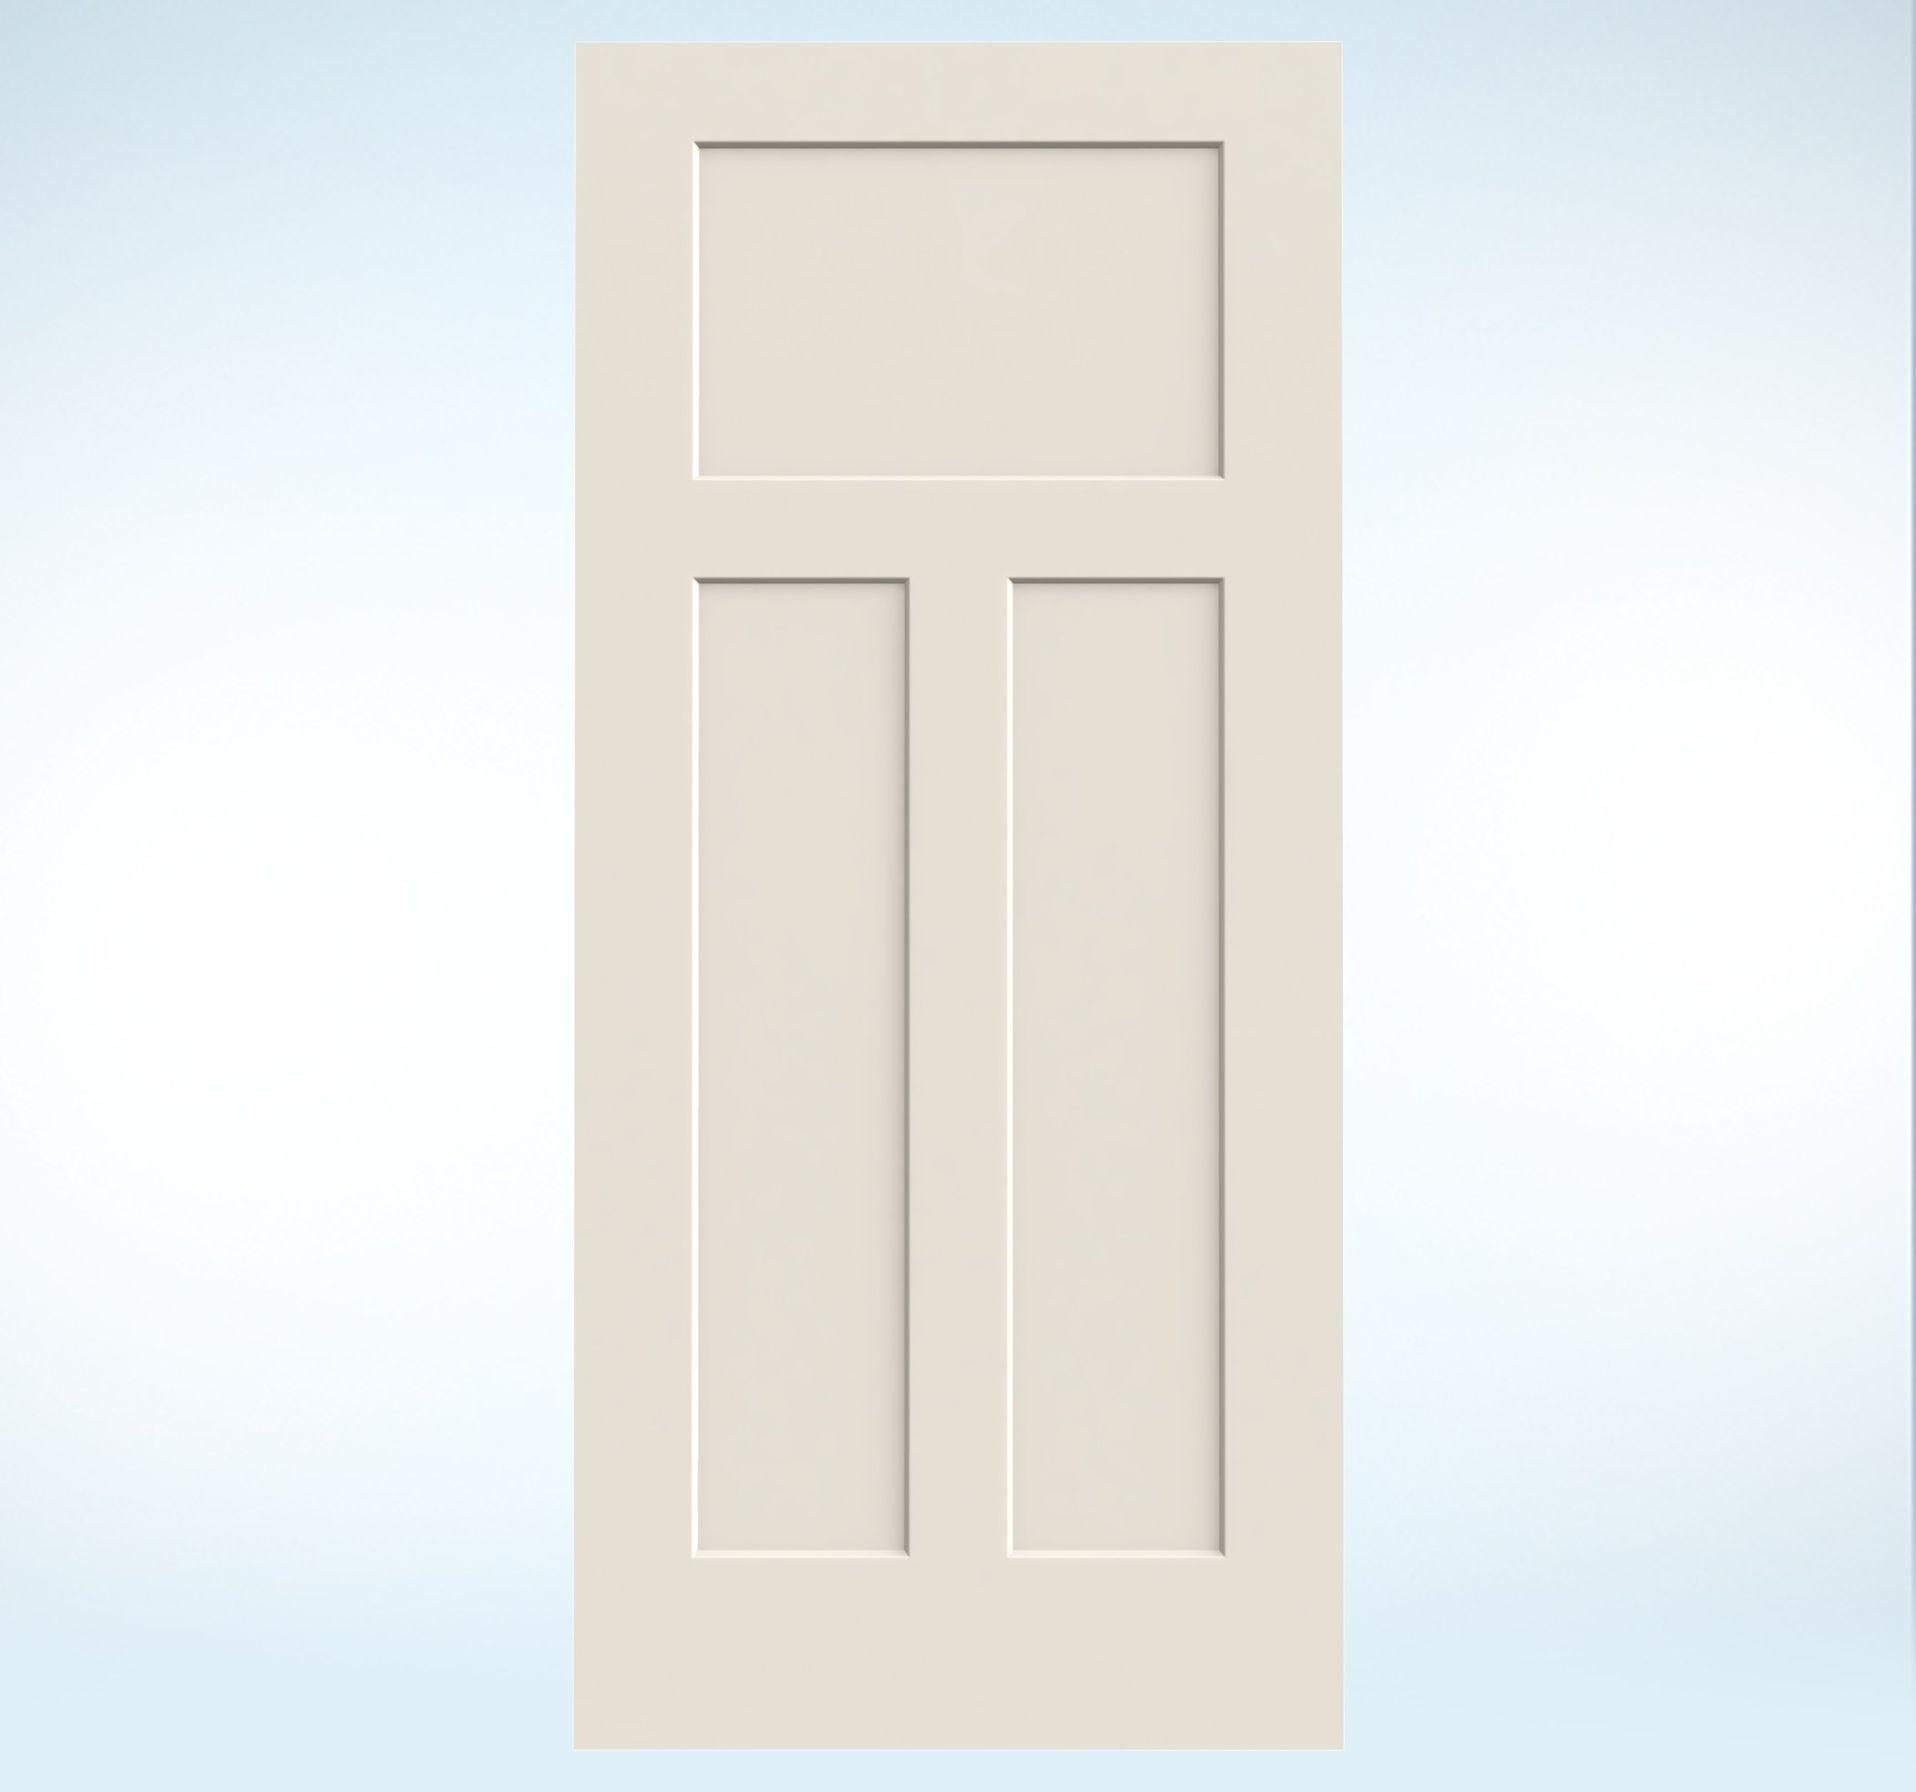 Mobile Home Cottage Door: Craftsman Interior Door -like Look Molded Wood Composite